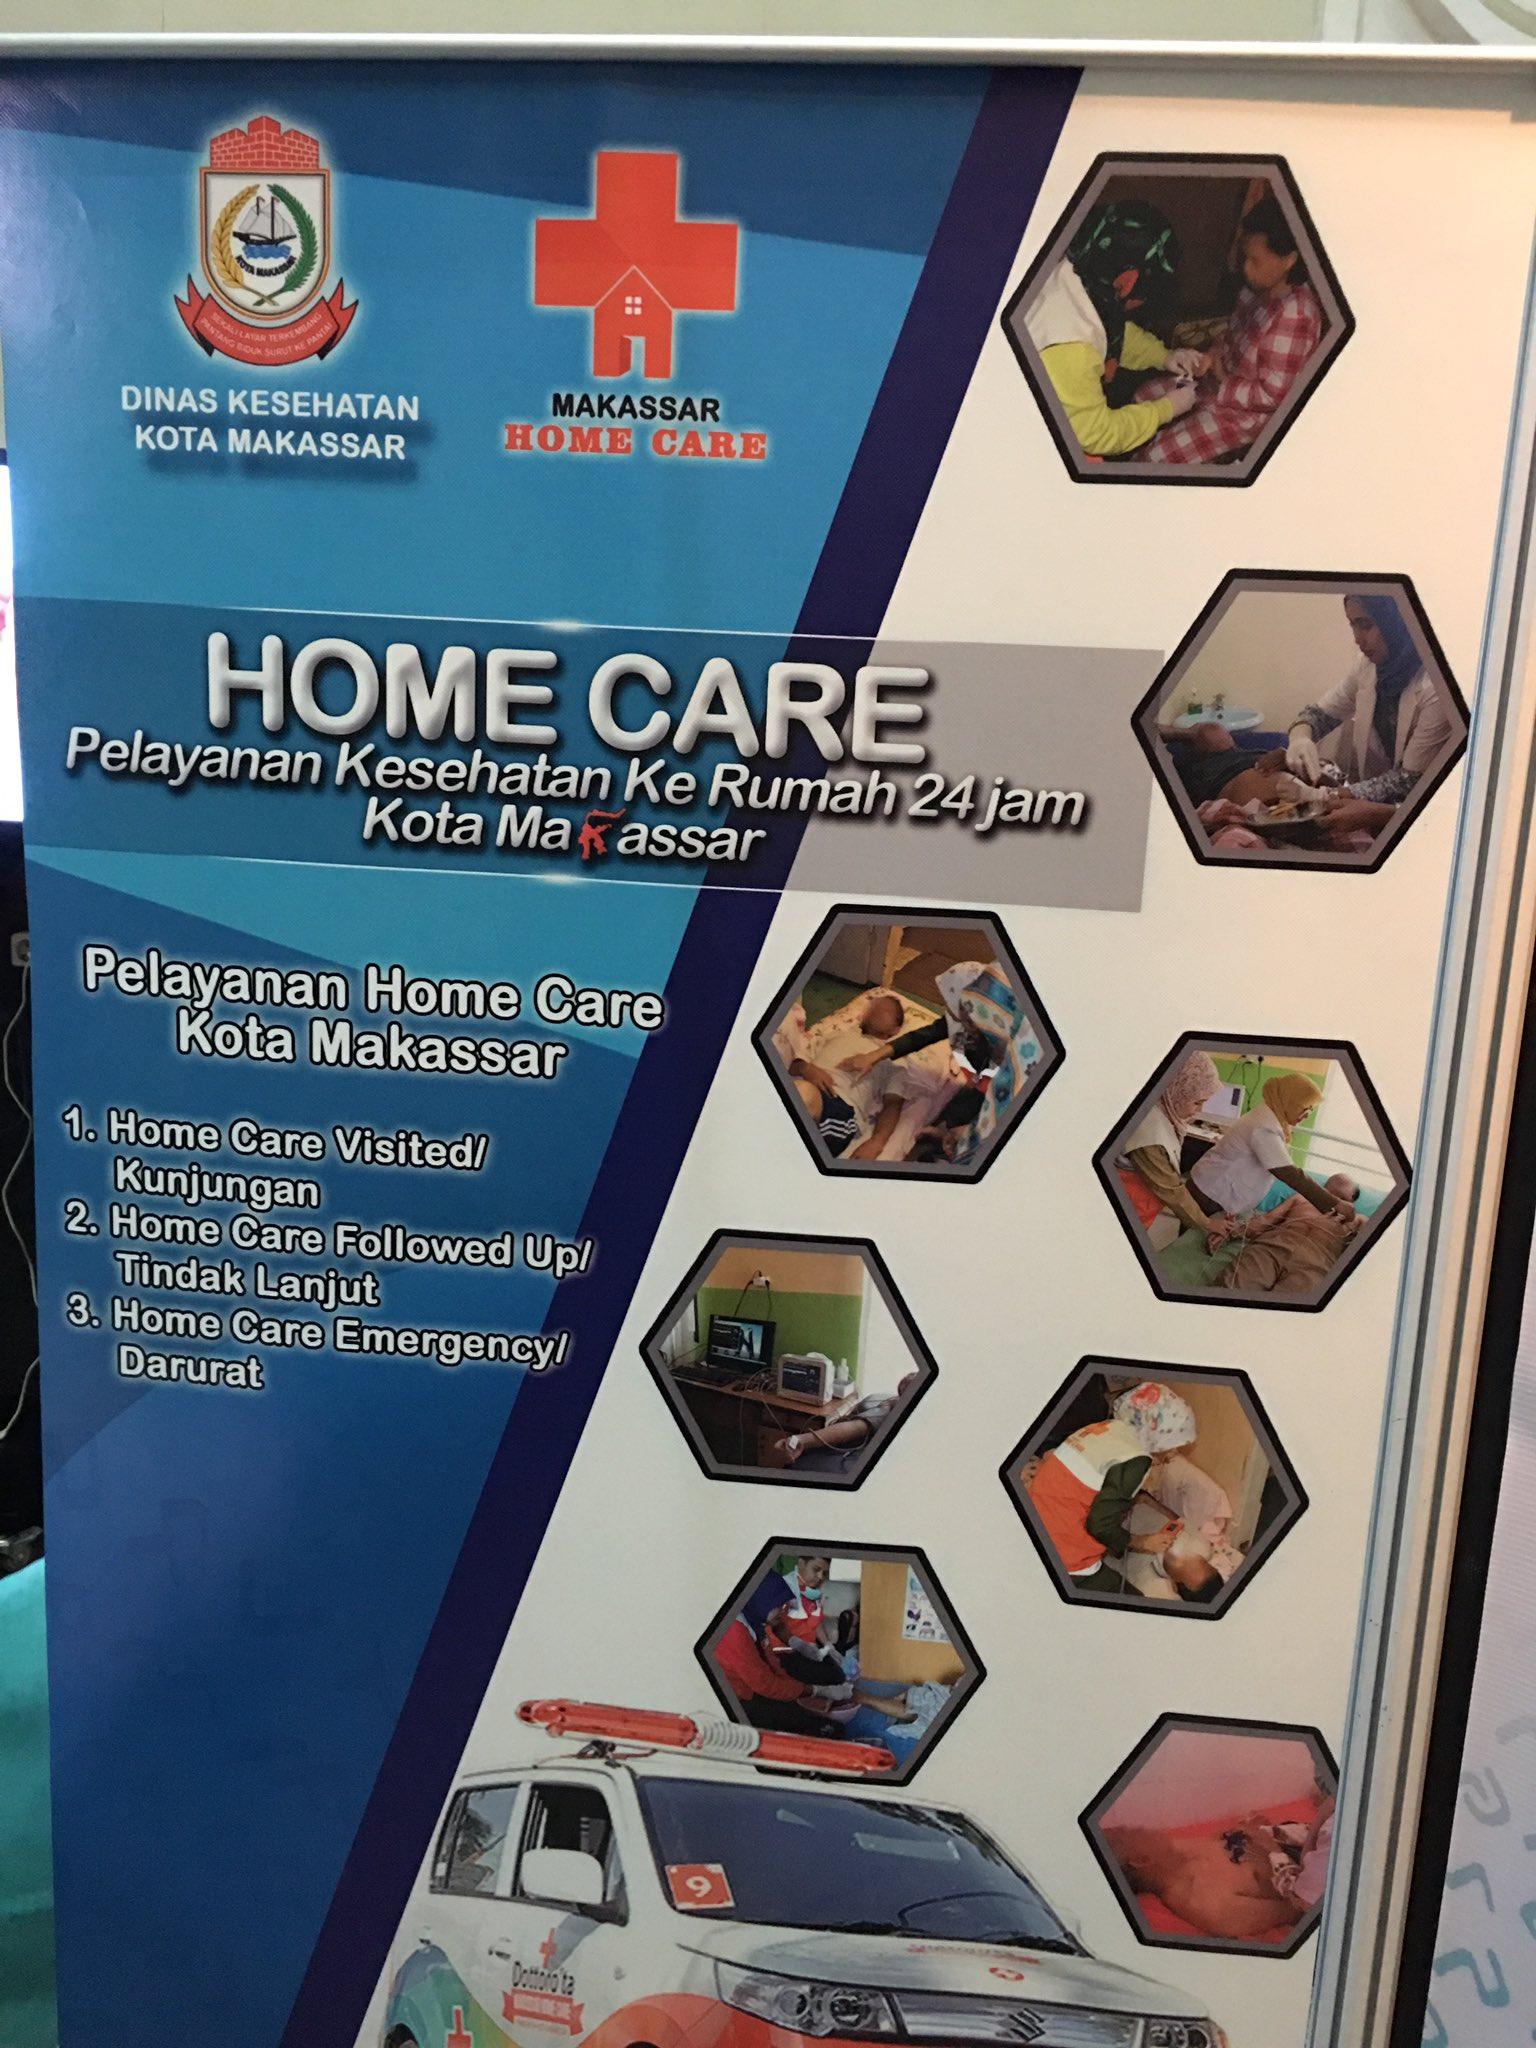 Bappenasri A Twitter Kesehatan Menjadi Perhatian Utama Pemerintah Kota Makassar Home Care 24 Jam Diluncurkan Untuk Melayani Masyarakat Inovatif Https T Co 544h8igriw